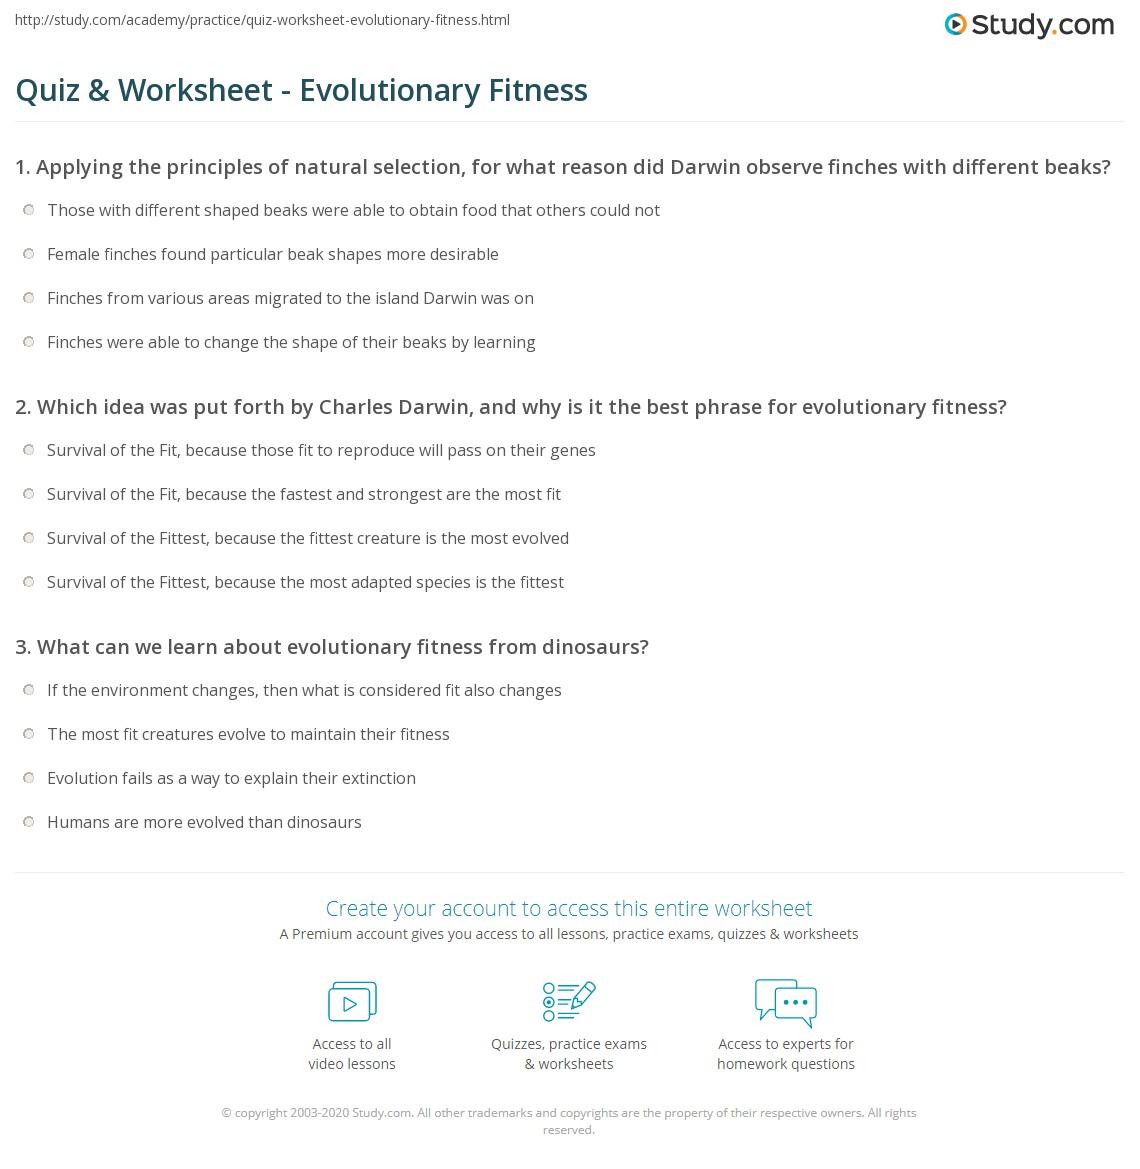 Quiz Worksheet Evolutionary Fitness – Evolution by Natural Selection Worksheet